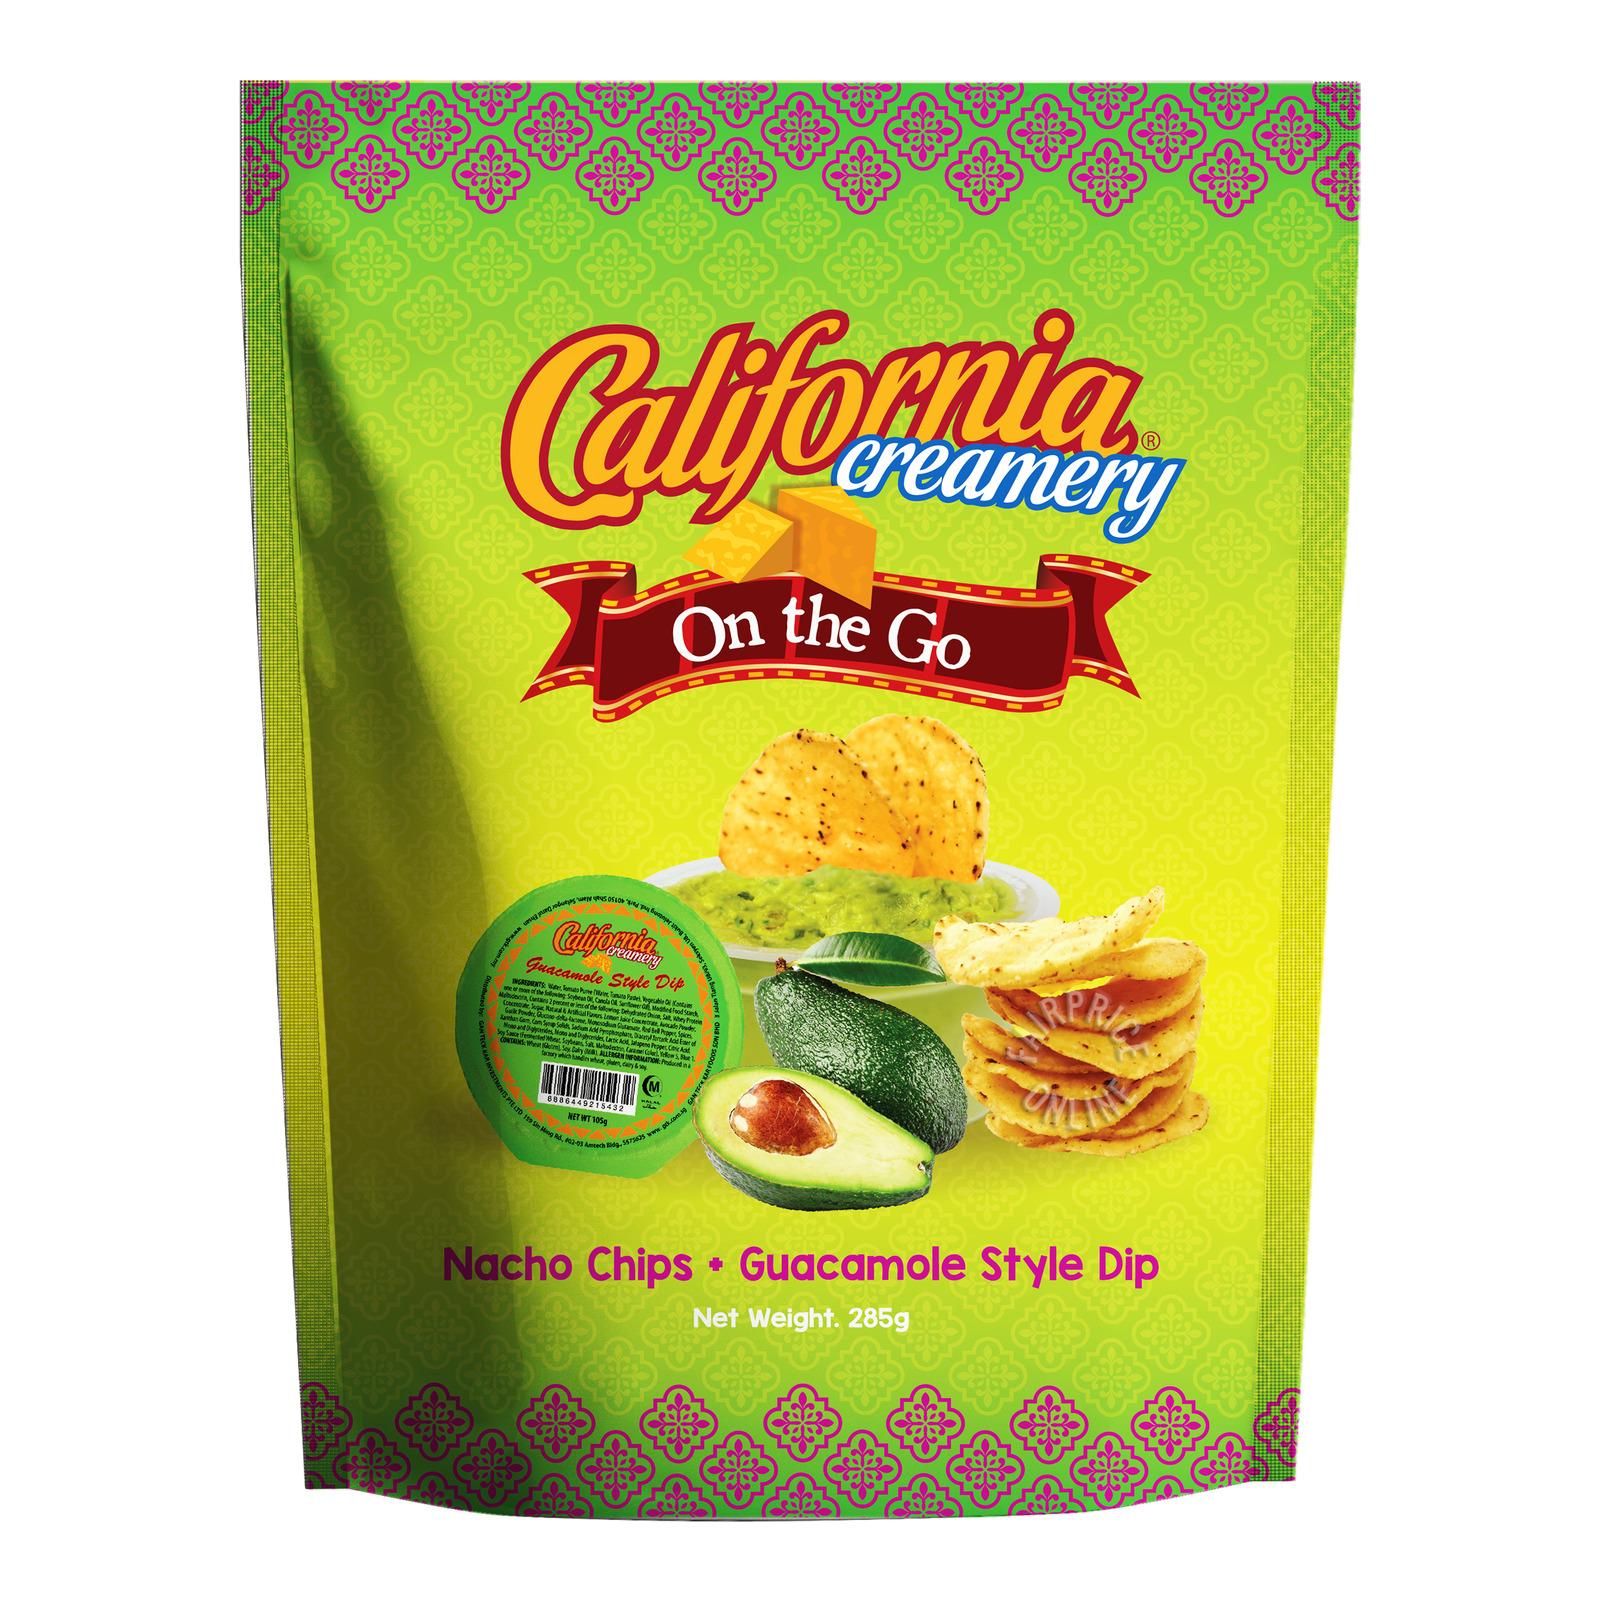 California Creamery Tortilla Chips - Guacamole Dip